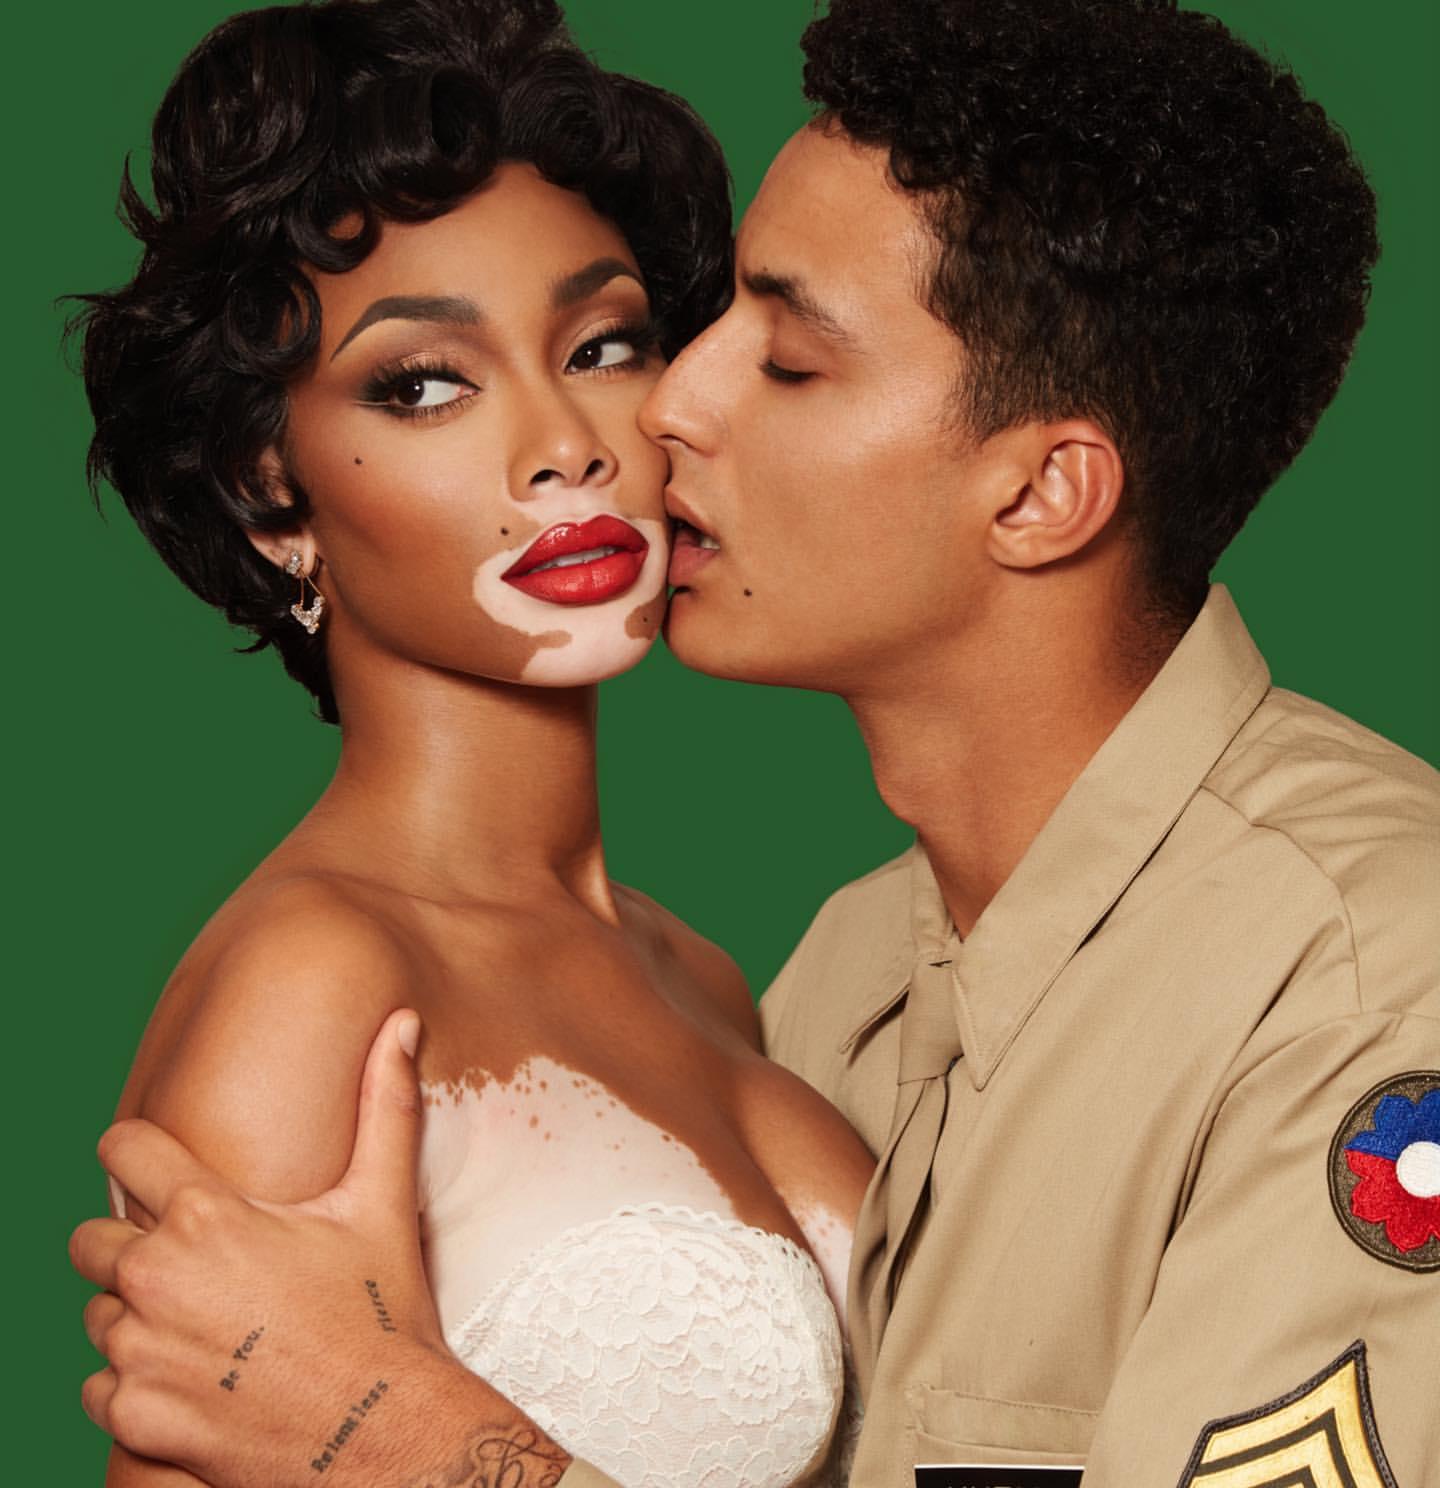 库兹马晒与女友万圣节装扮照,模仿著名杂志写真封面